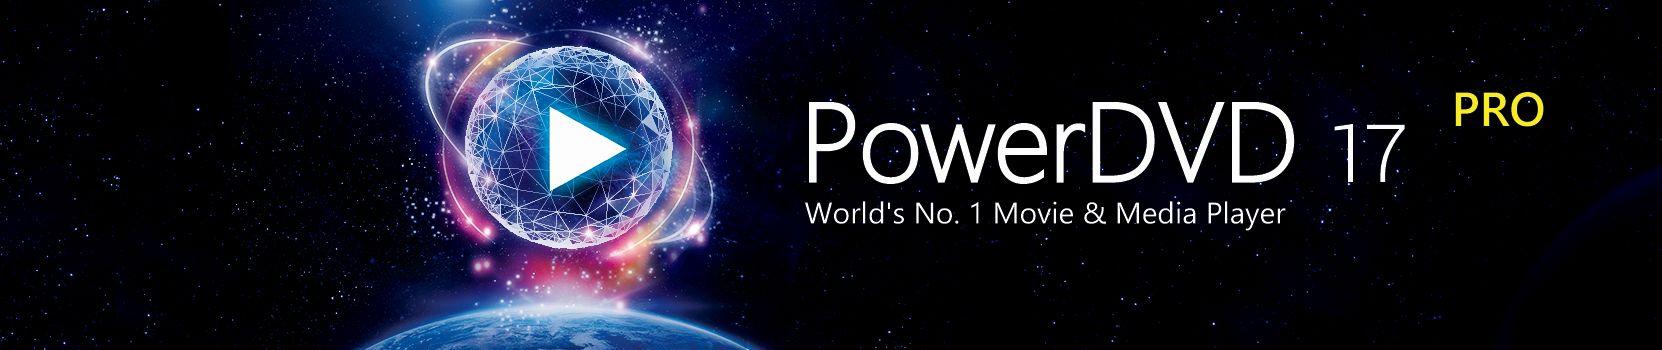 PowerDVDPro